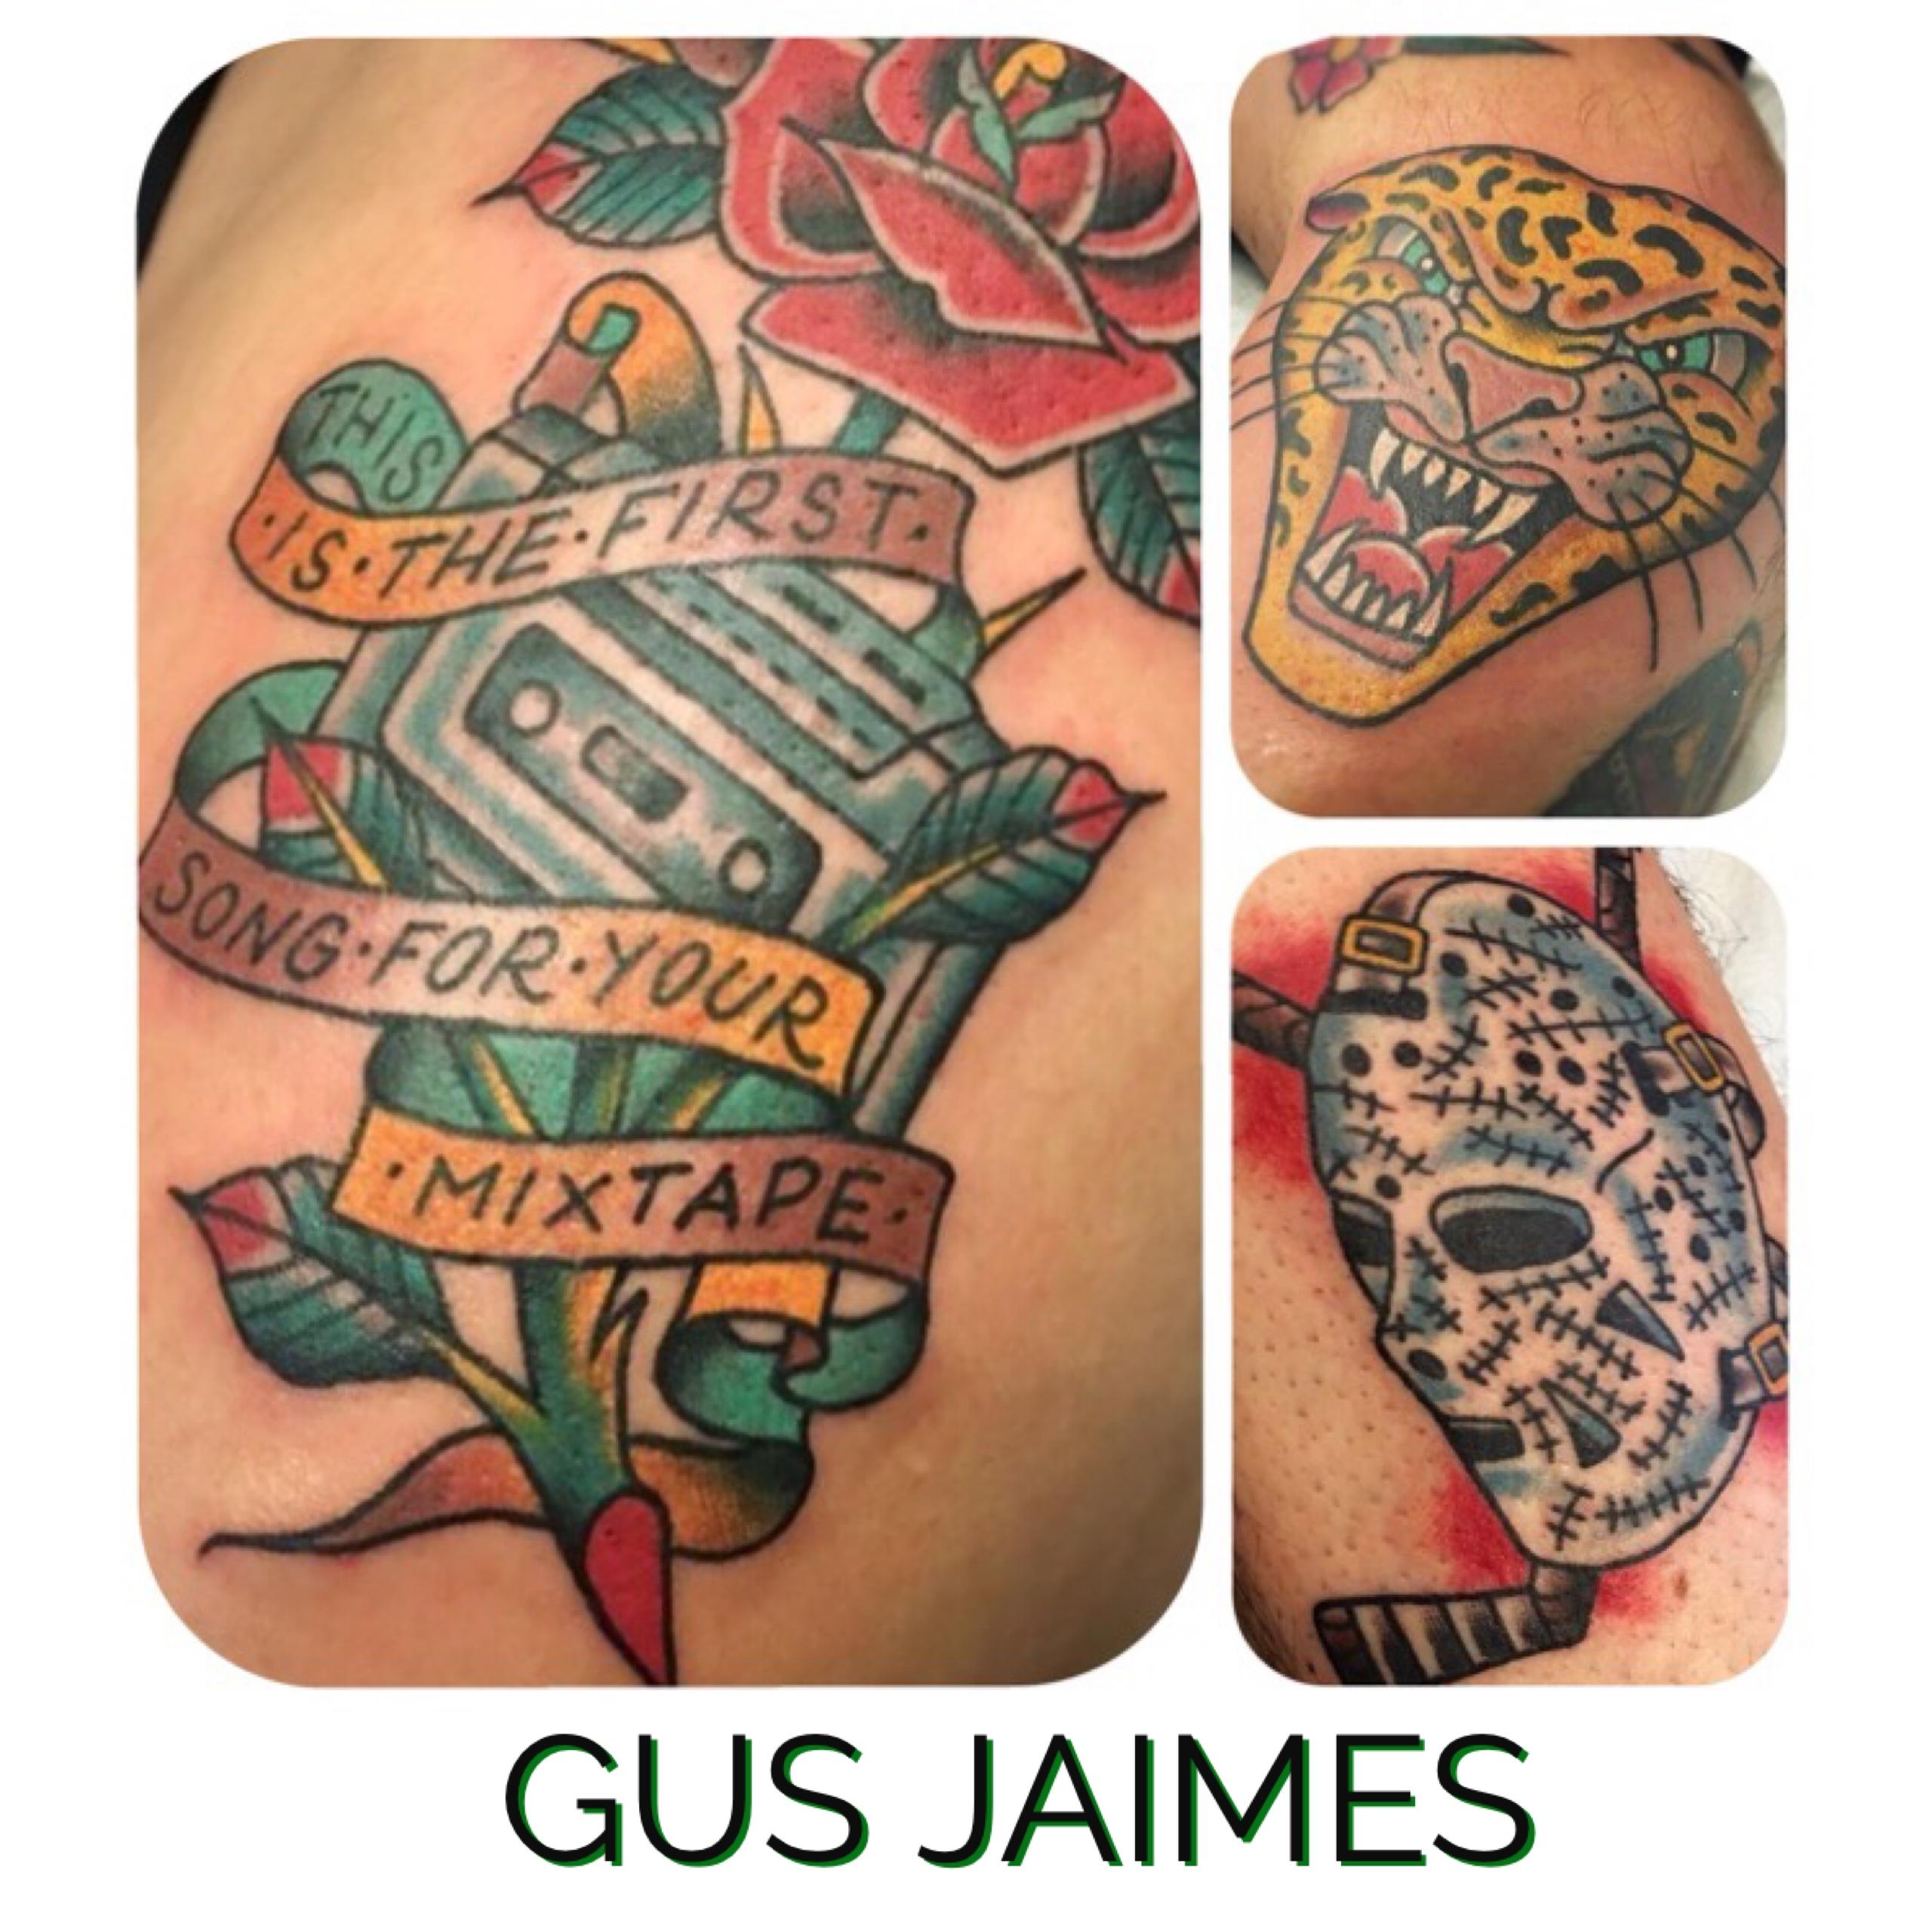 Gus Jaimes for Torch Tattoo